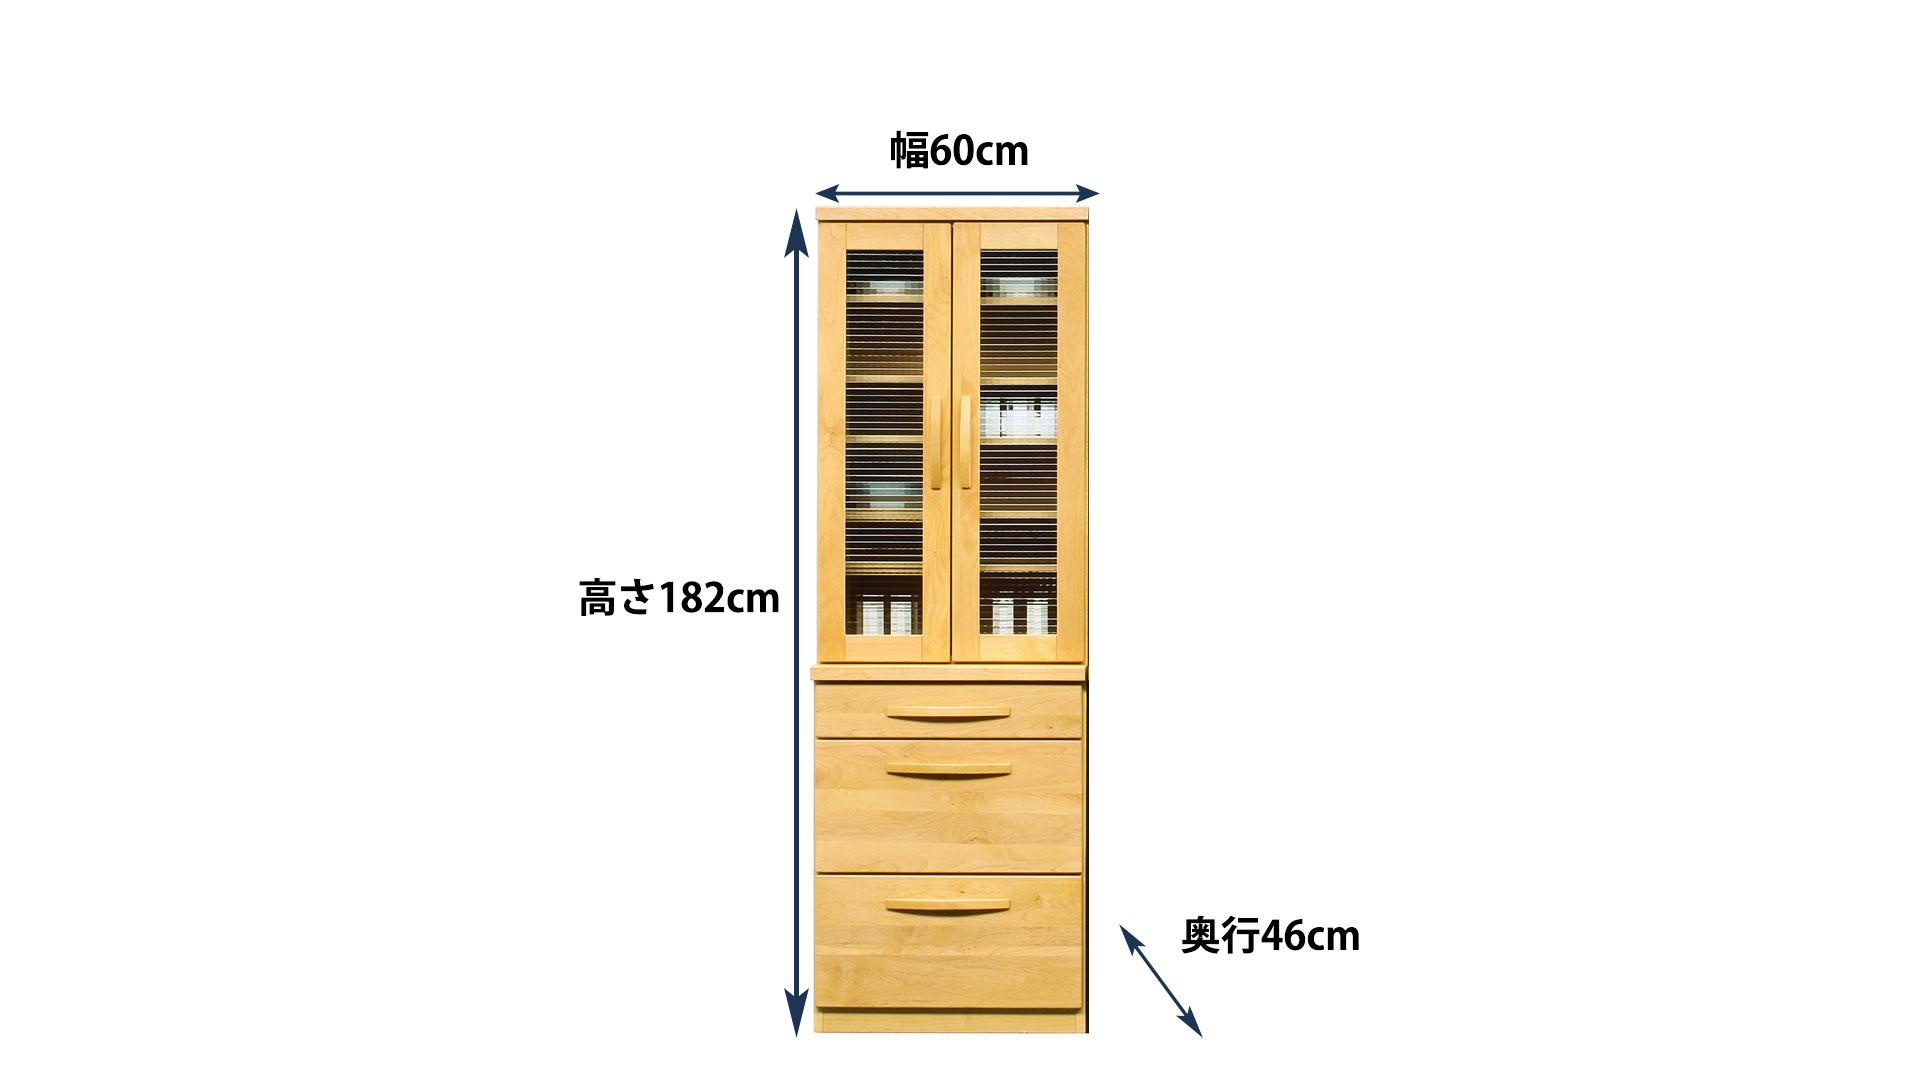 リビンズの食器棚「エリー」の60cm幅の画像